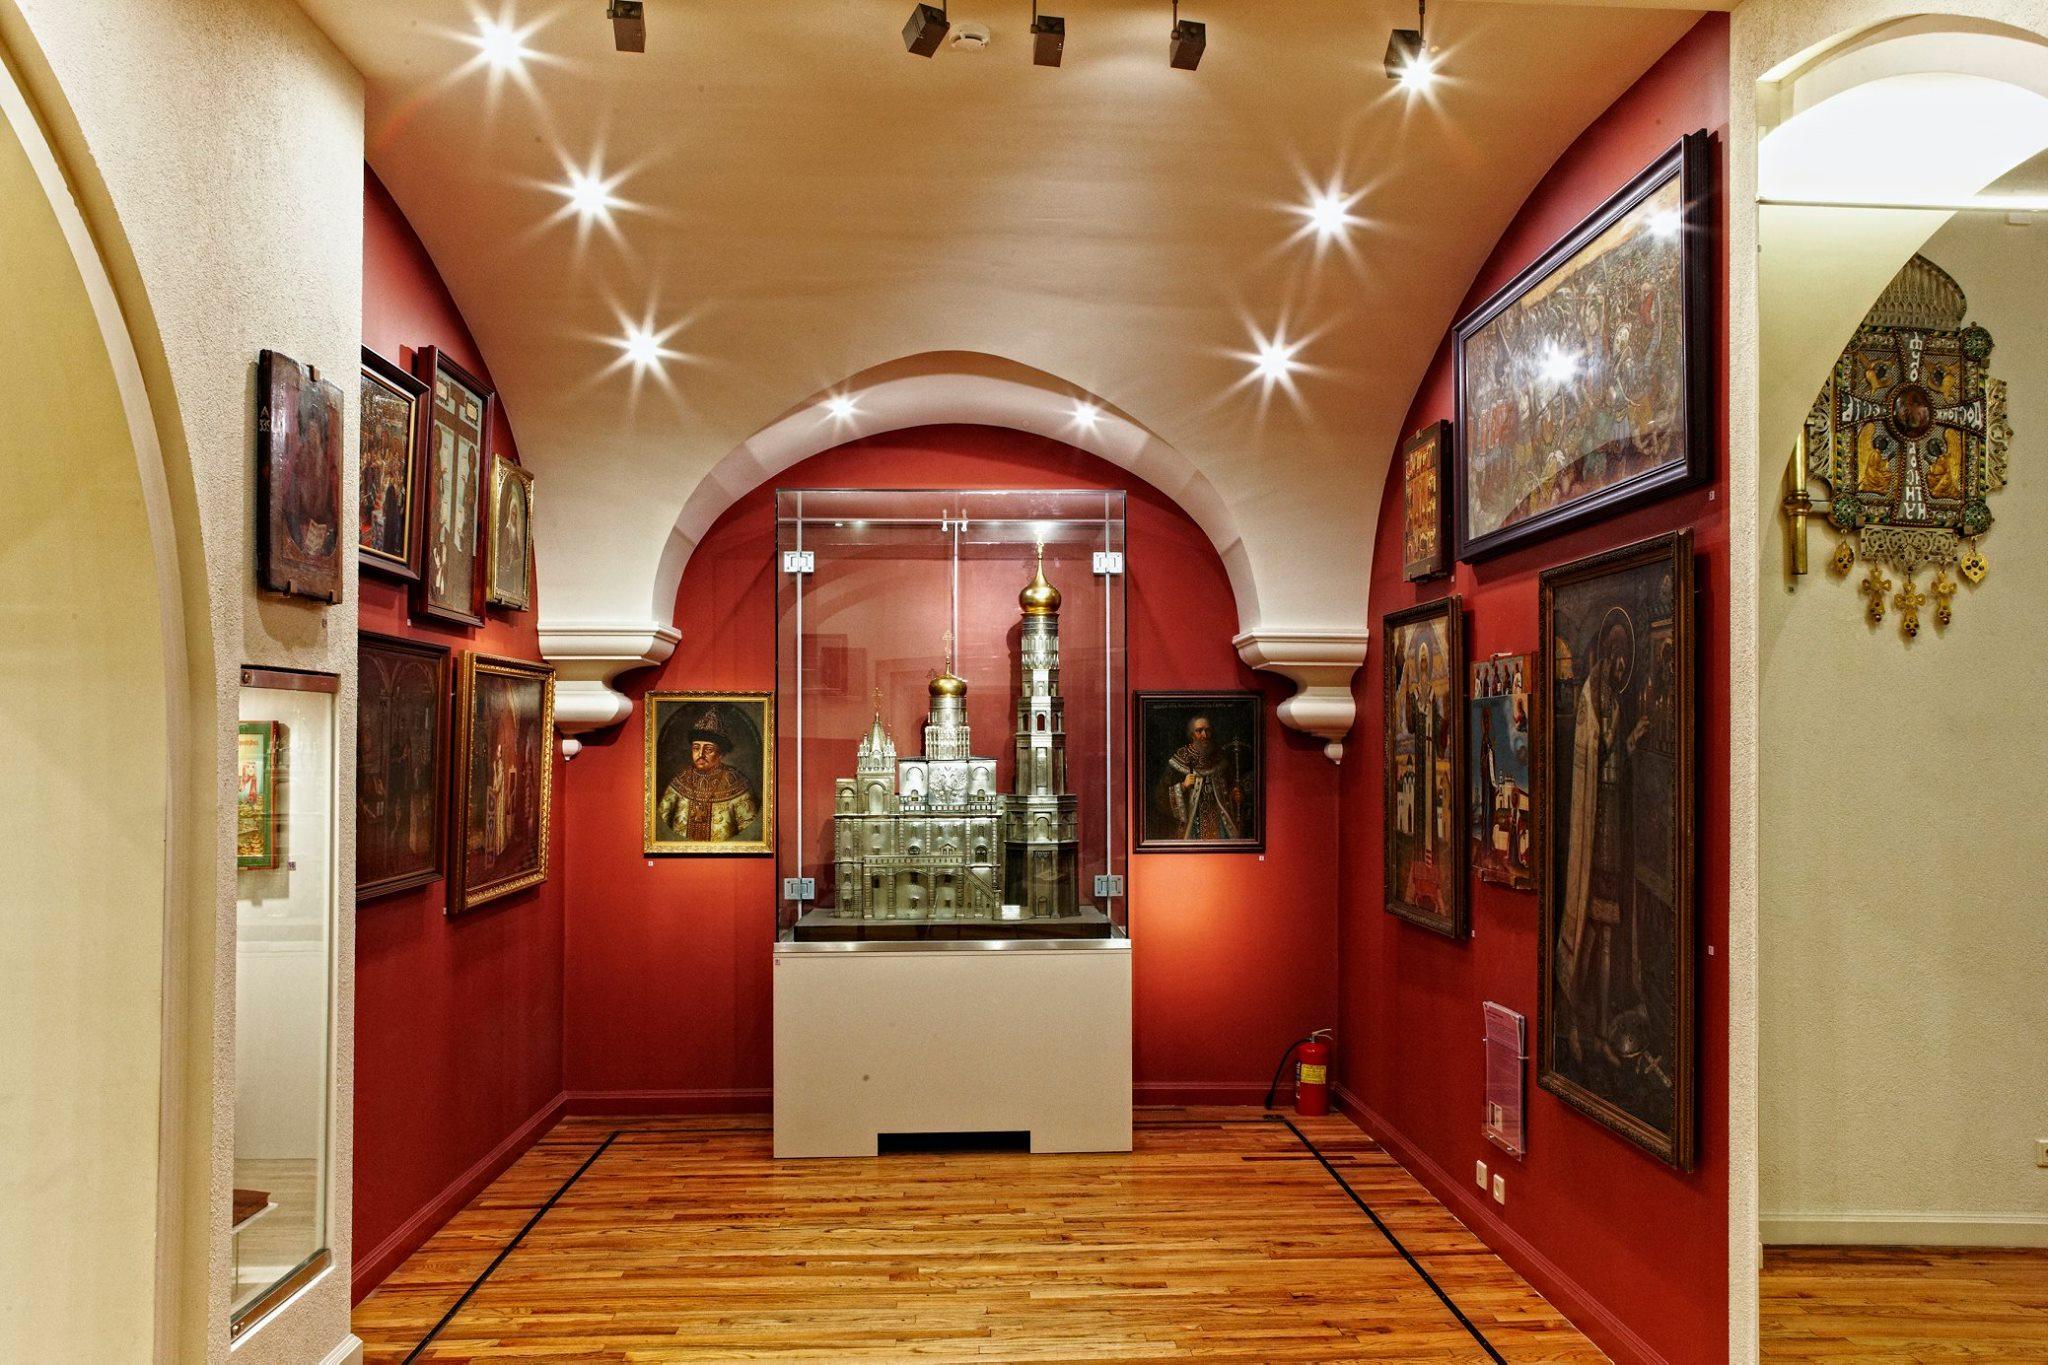 музей фотографии санкт петербург сопровождается образованием гнойников